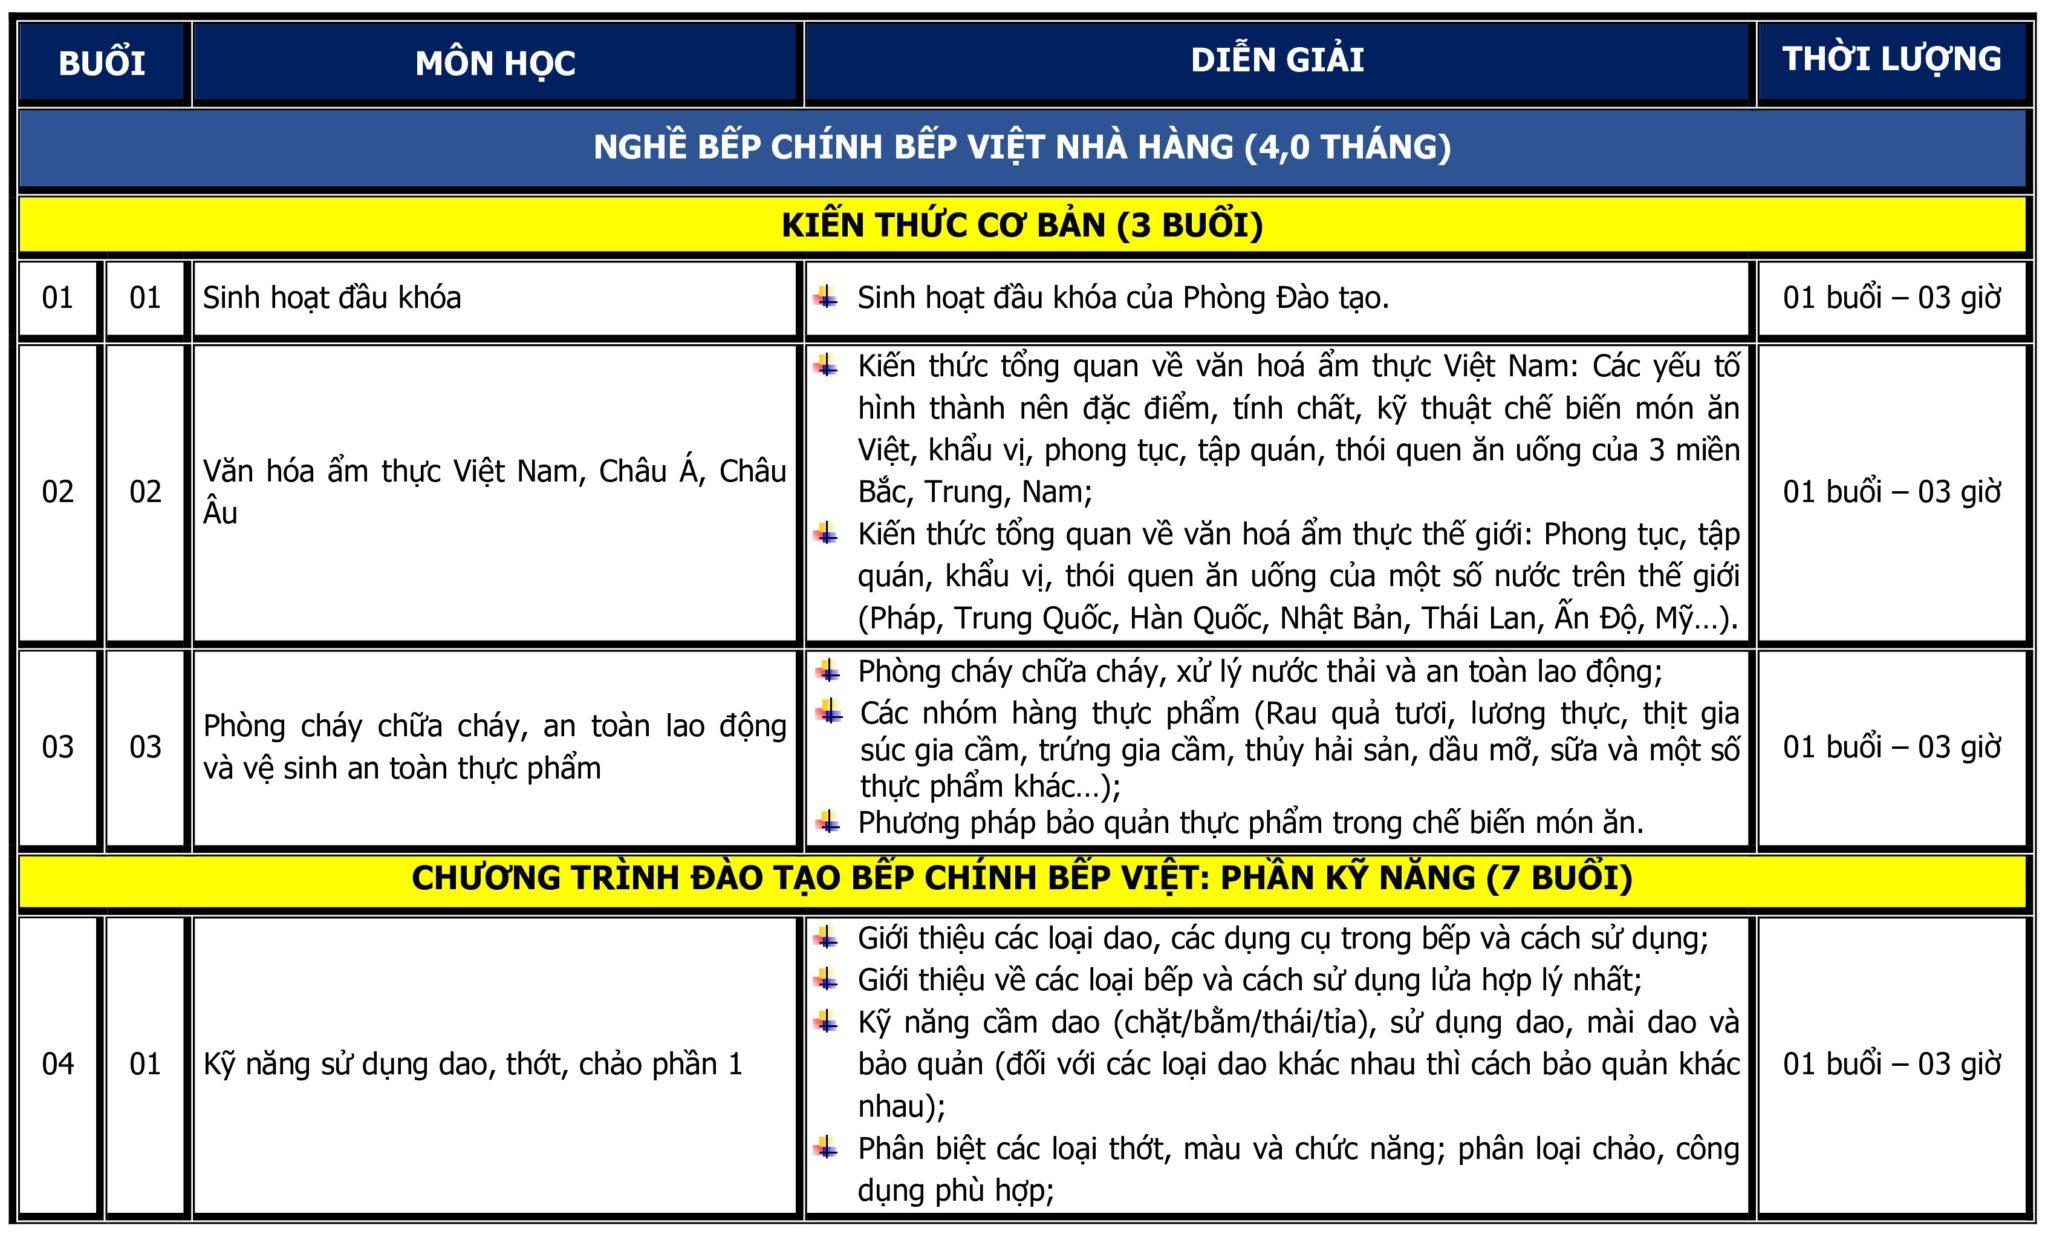 CT DAO TAO BEP CHINH BEP VIET_001